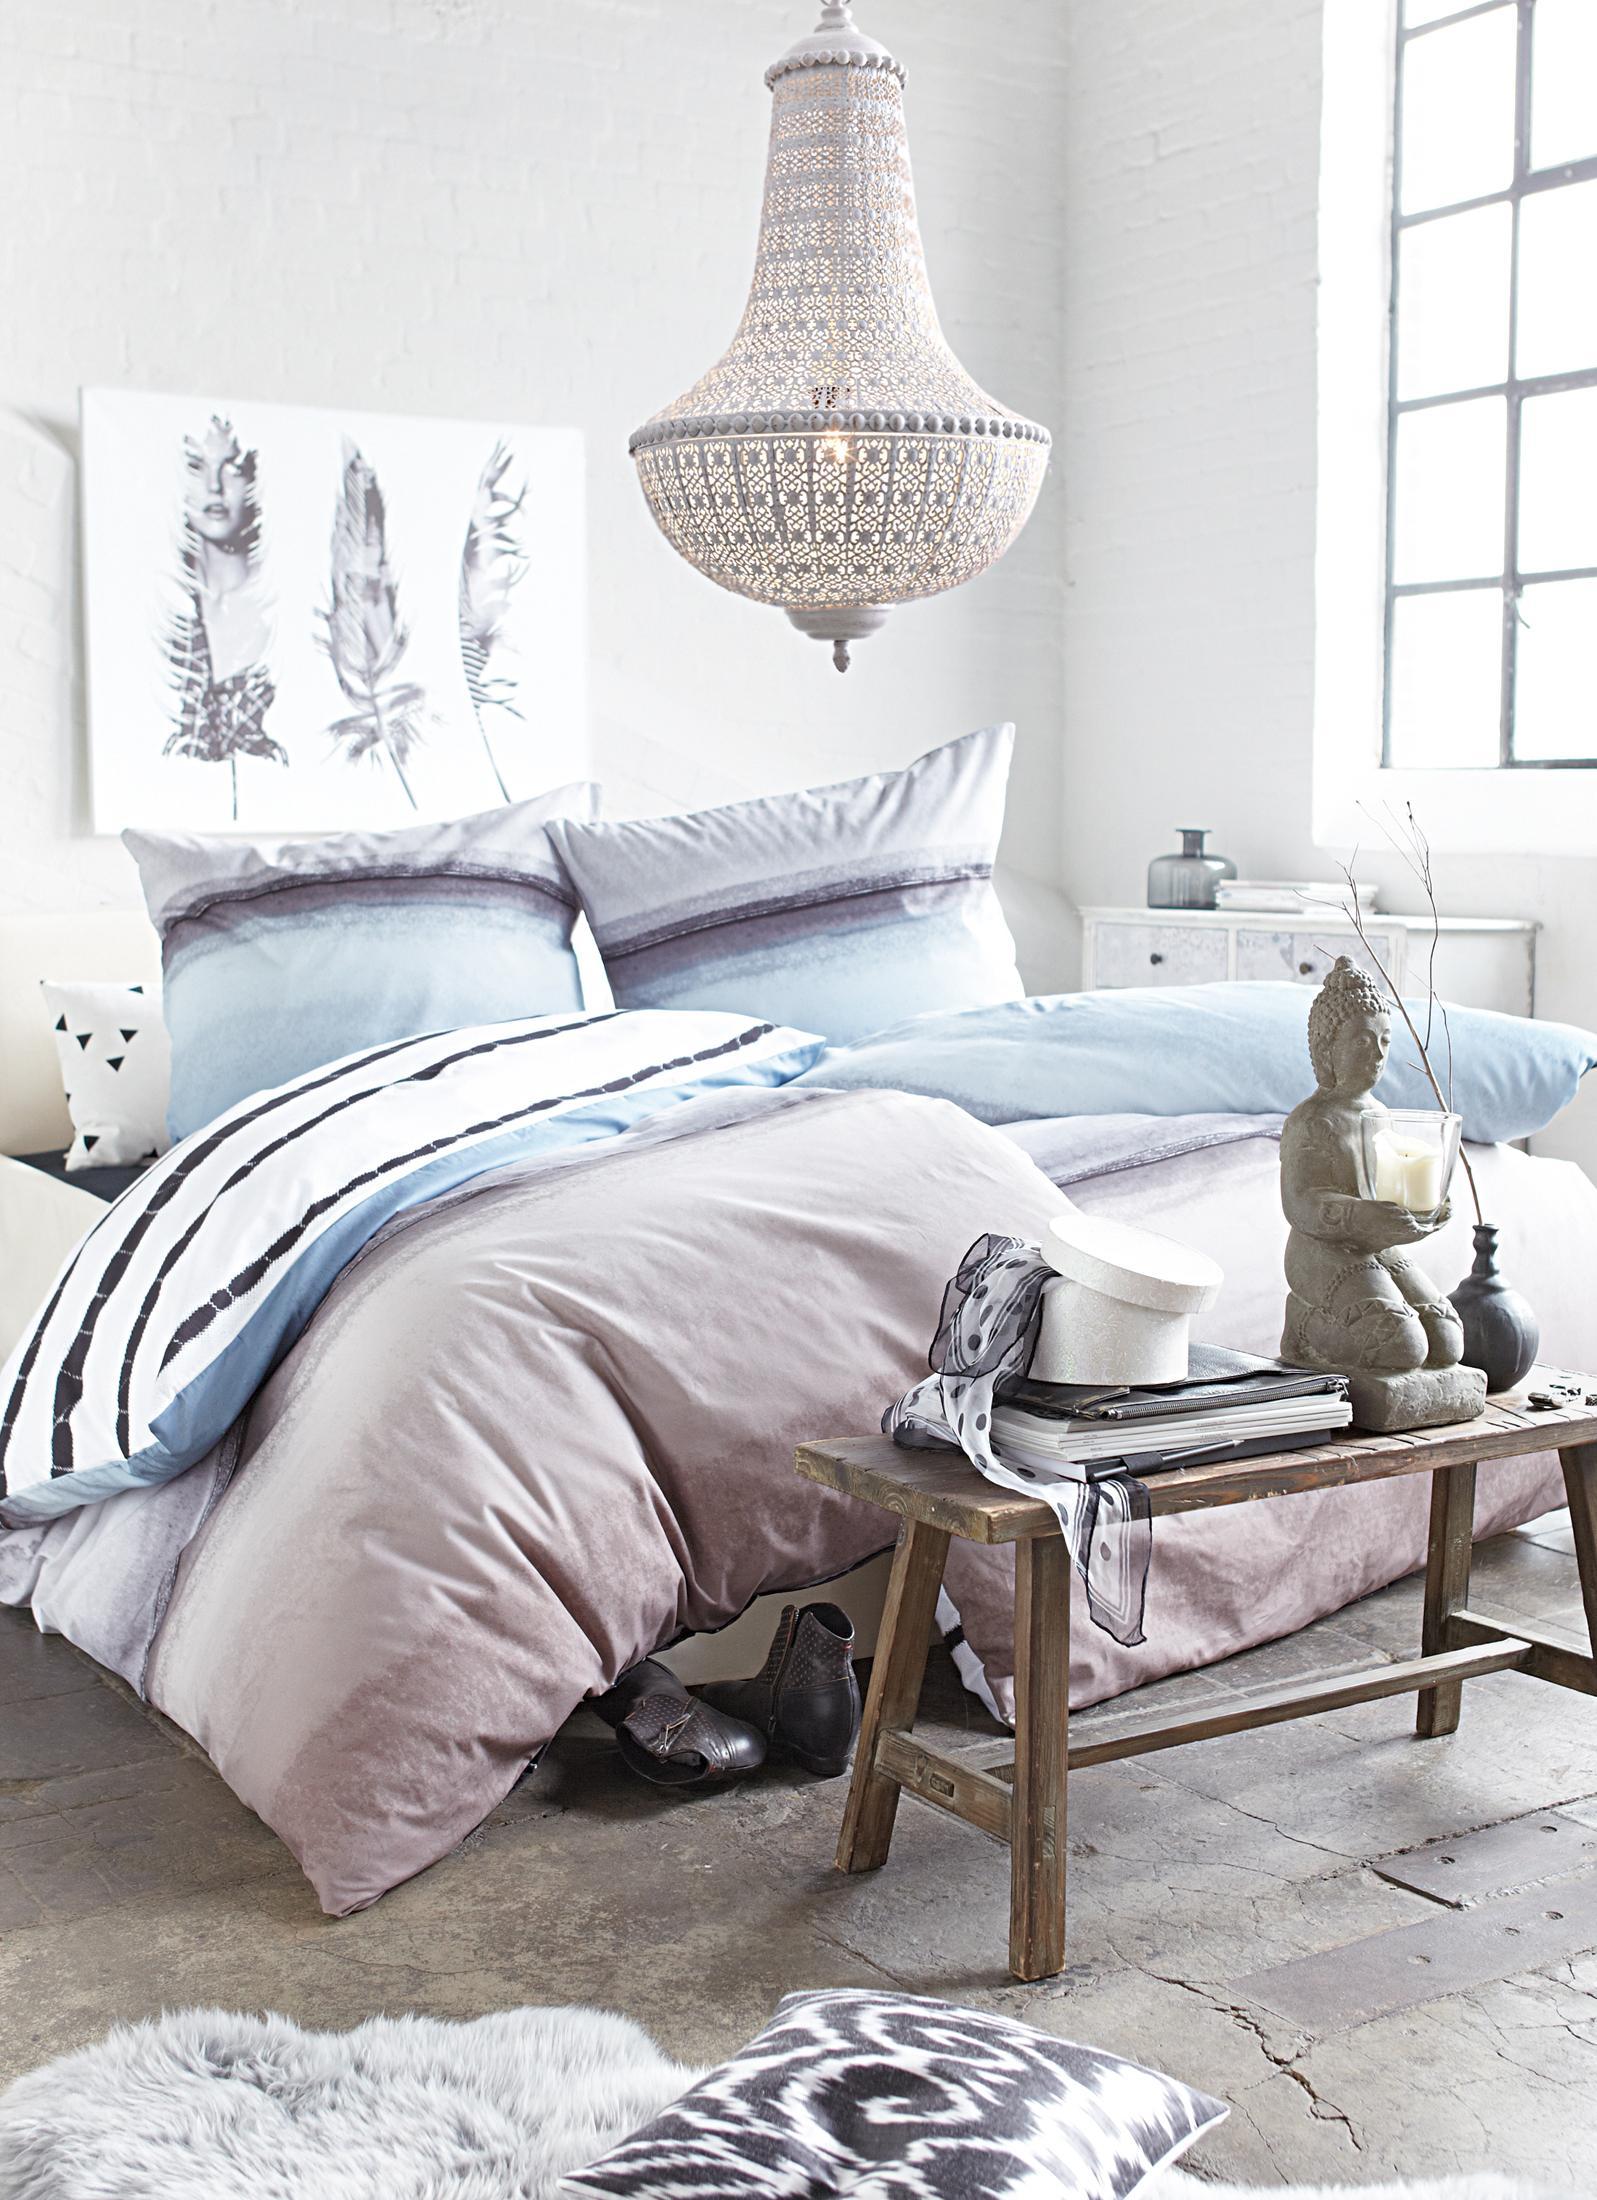 kronleuchter ber dem bett betonboden bett eklekt. Black Bedroom Furniture Sets. Home Design Ideas